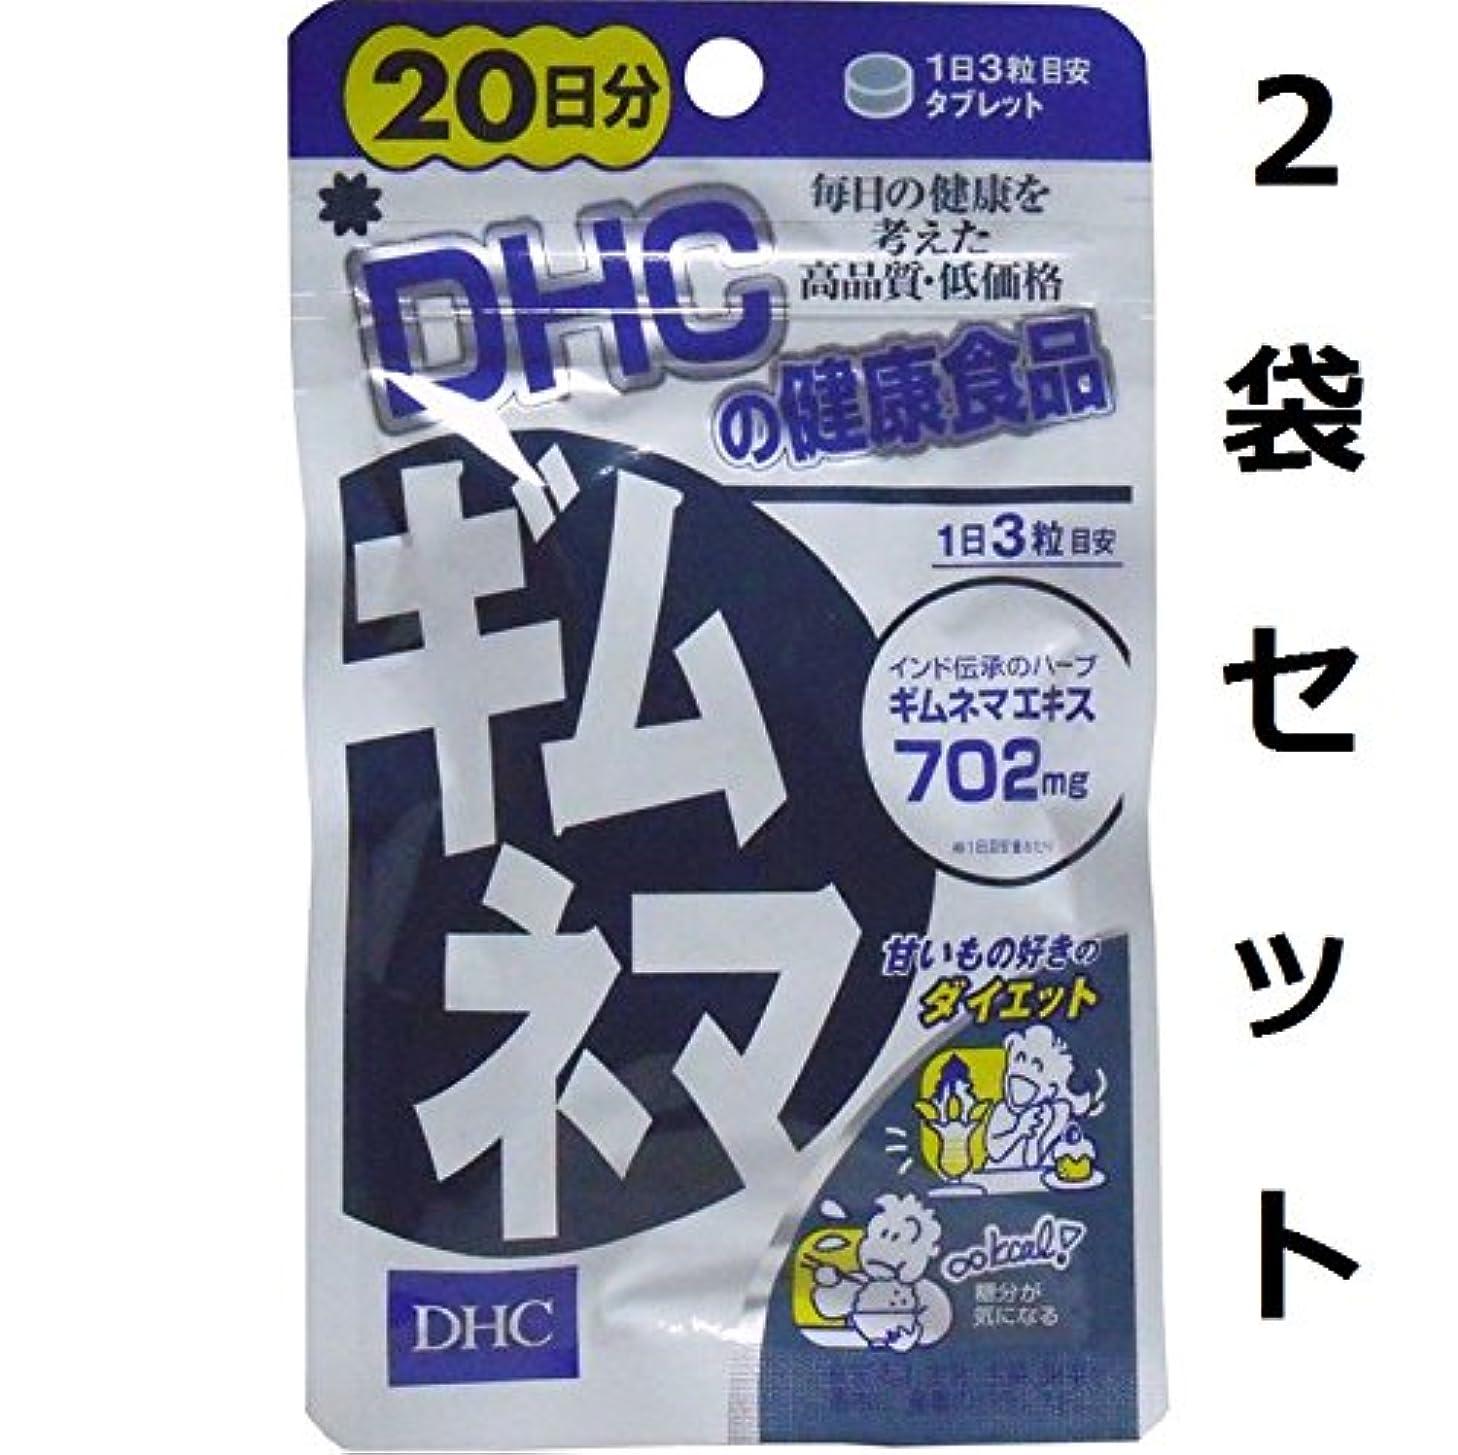 競争力のある恐ろしいこれまで我慢せずに余分な糖分をブロック DHC ギムネマ 20日分 60粒 2袋セット